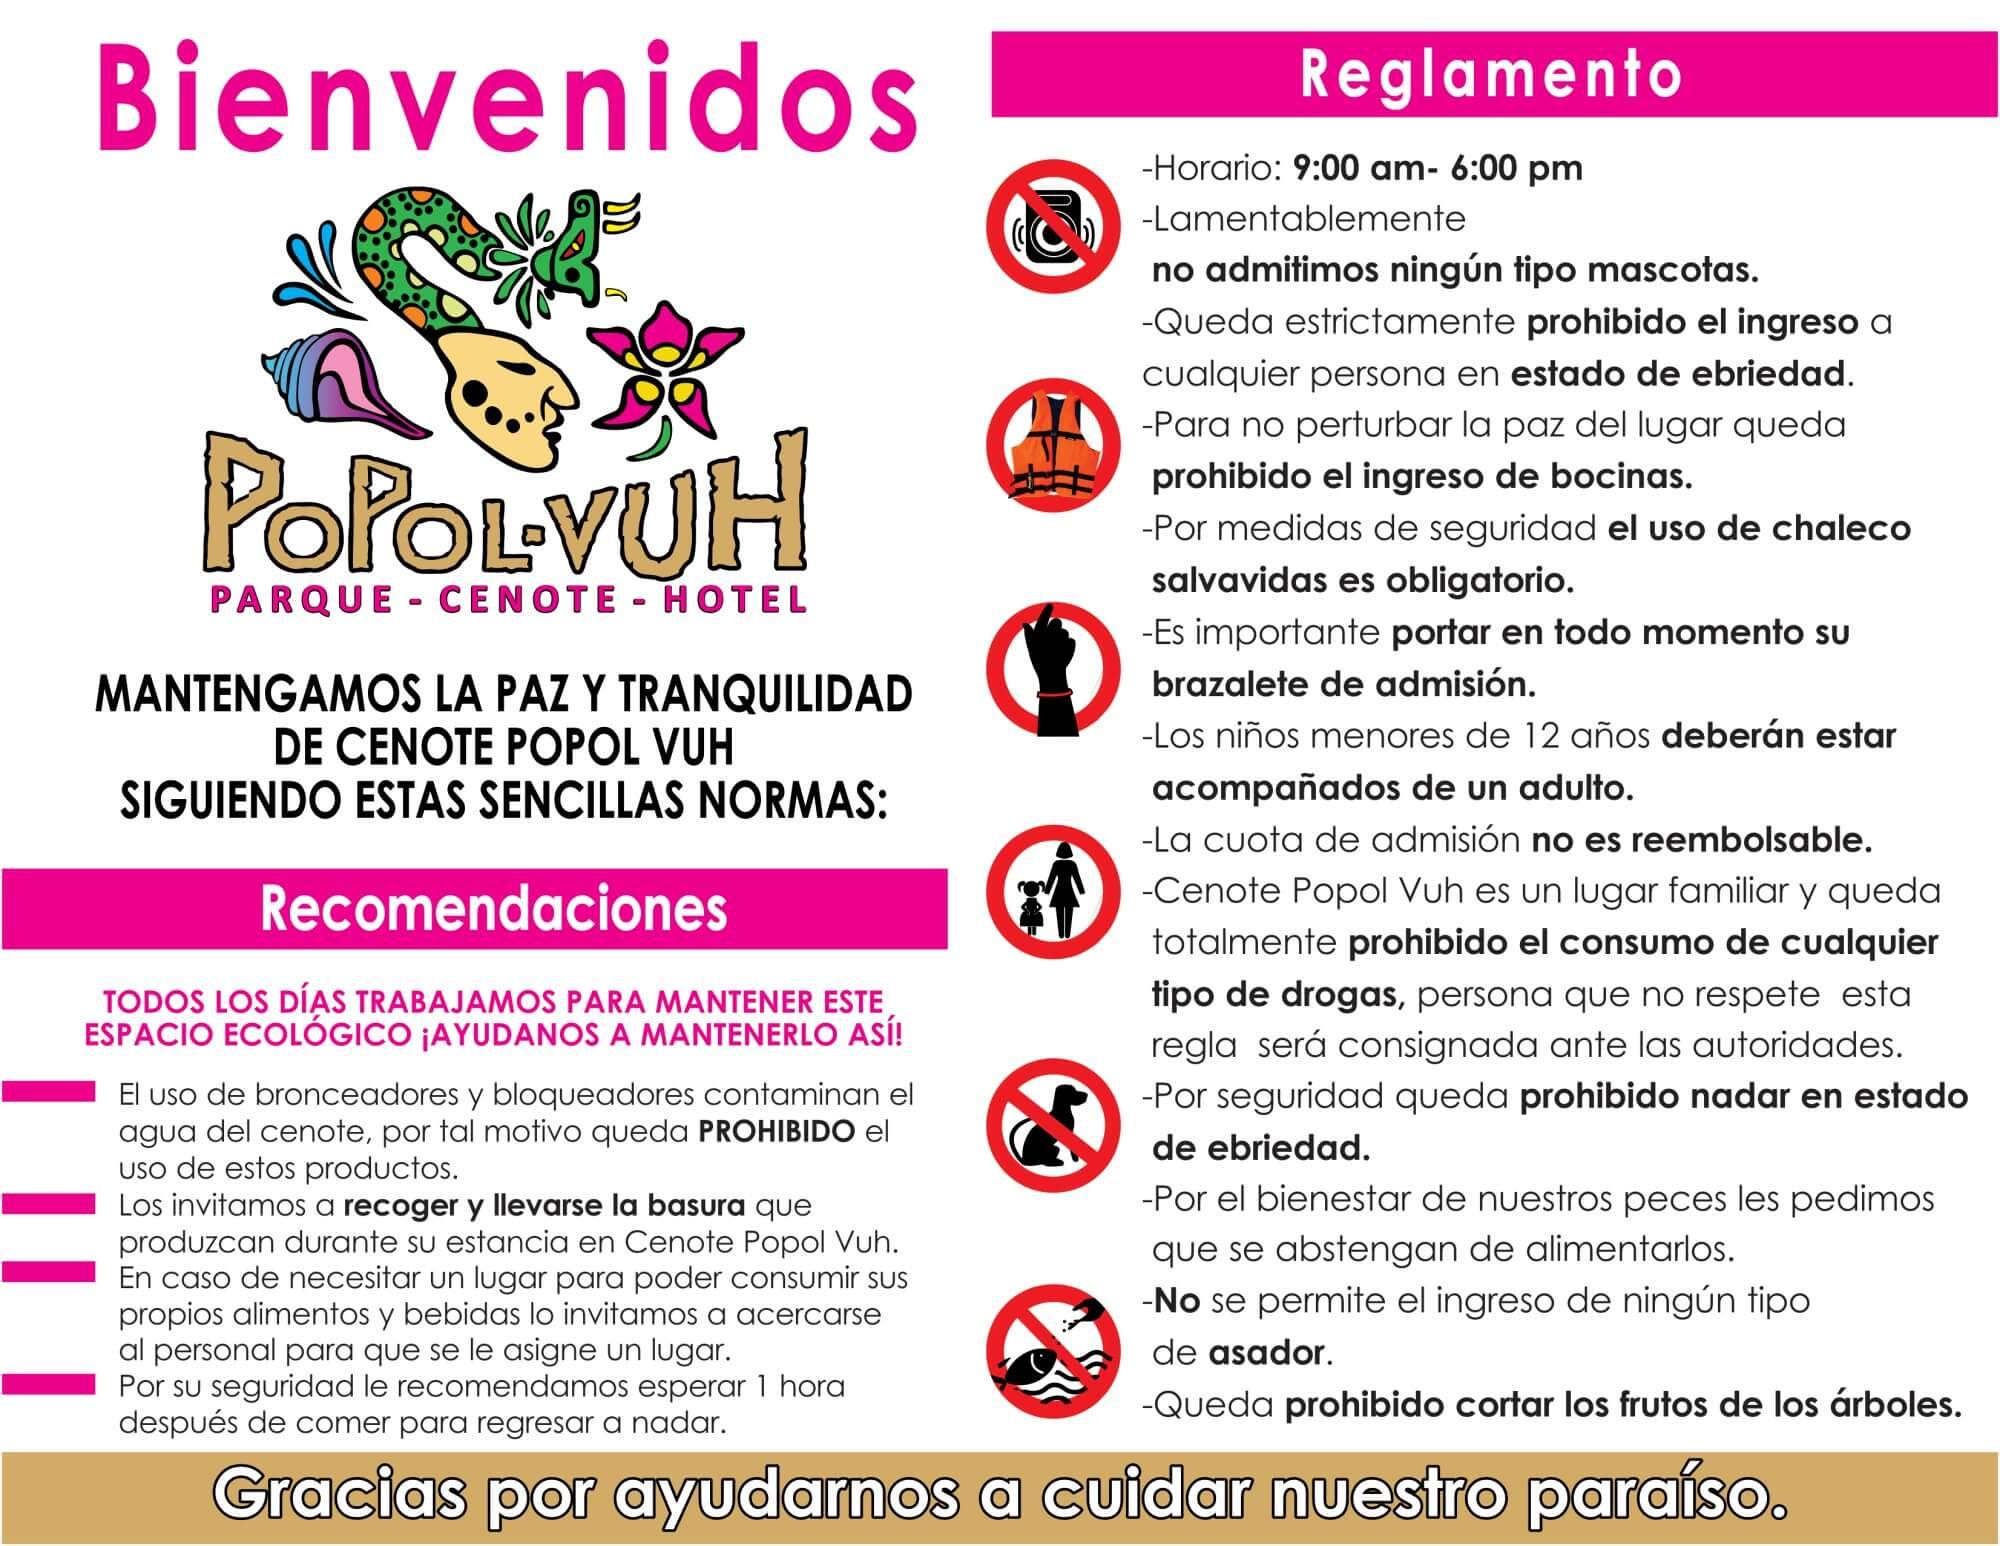 Cenote Popol Vuh Reglamento